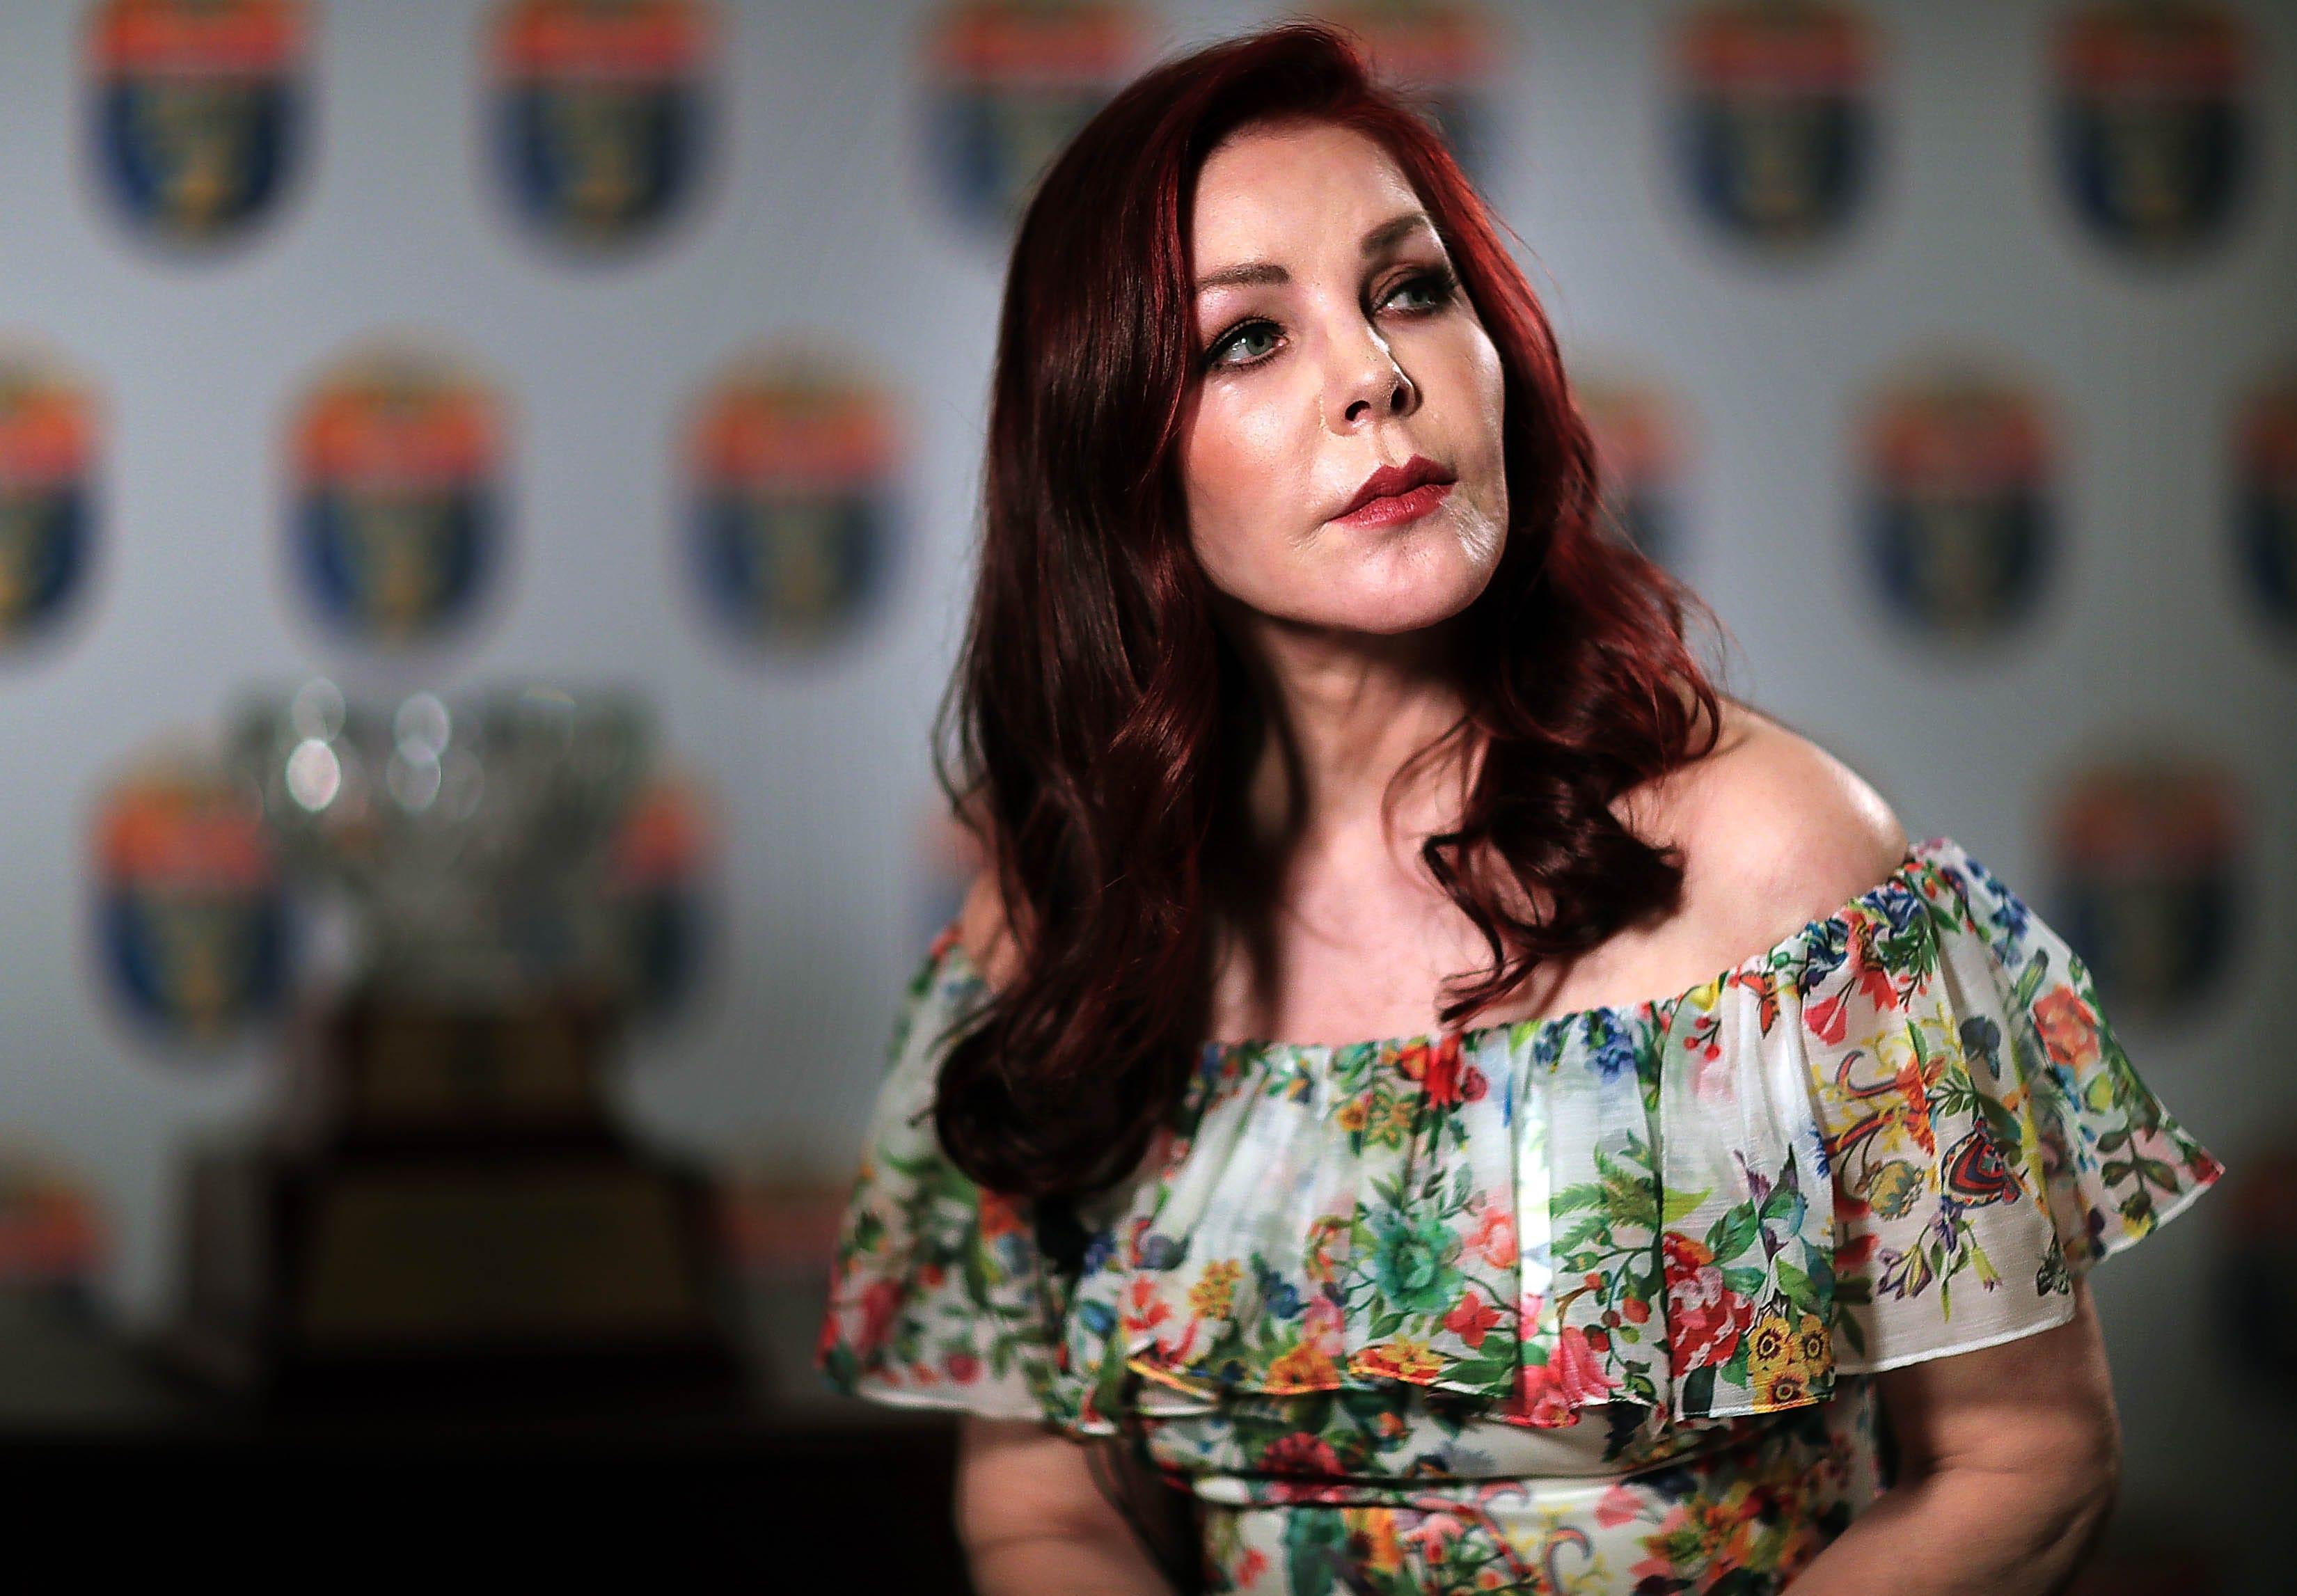 Catherine McCord USA 2 1995-1996,Kiami Davael Sex images Elisabetta Canalis (born 1978),Luciana Littizzetto(born 1964)